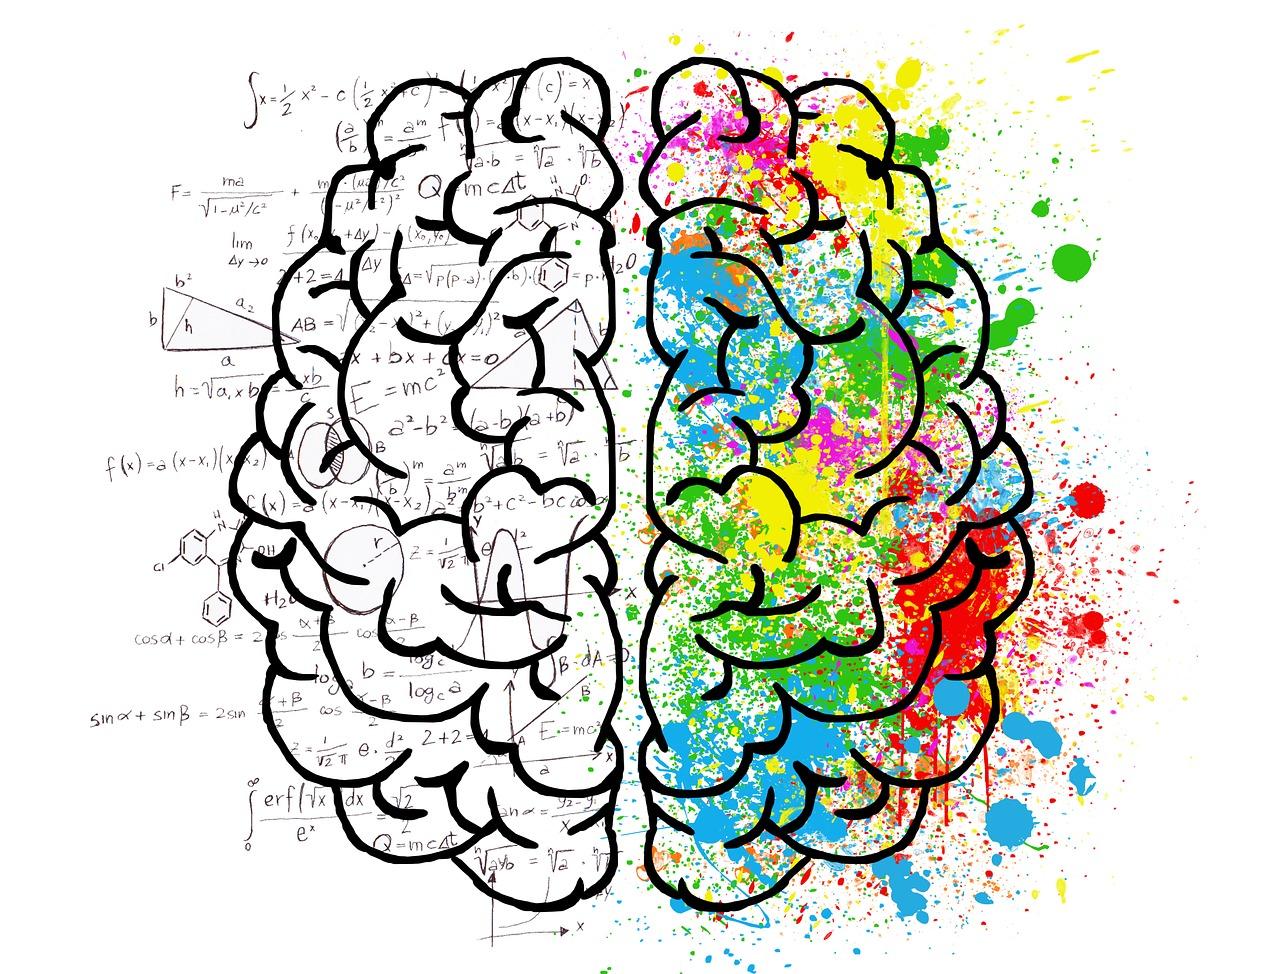 تولید محتوای خلاقانه با مغز راست